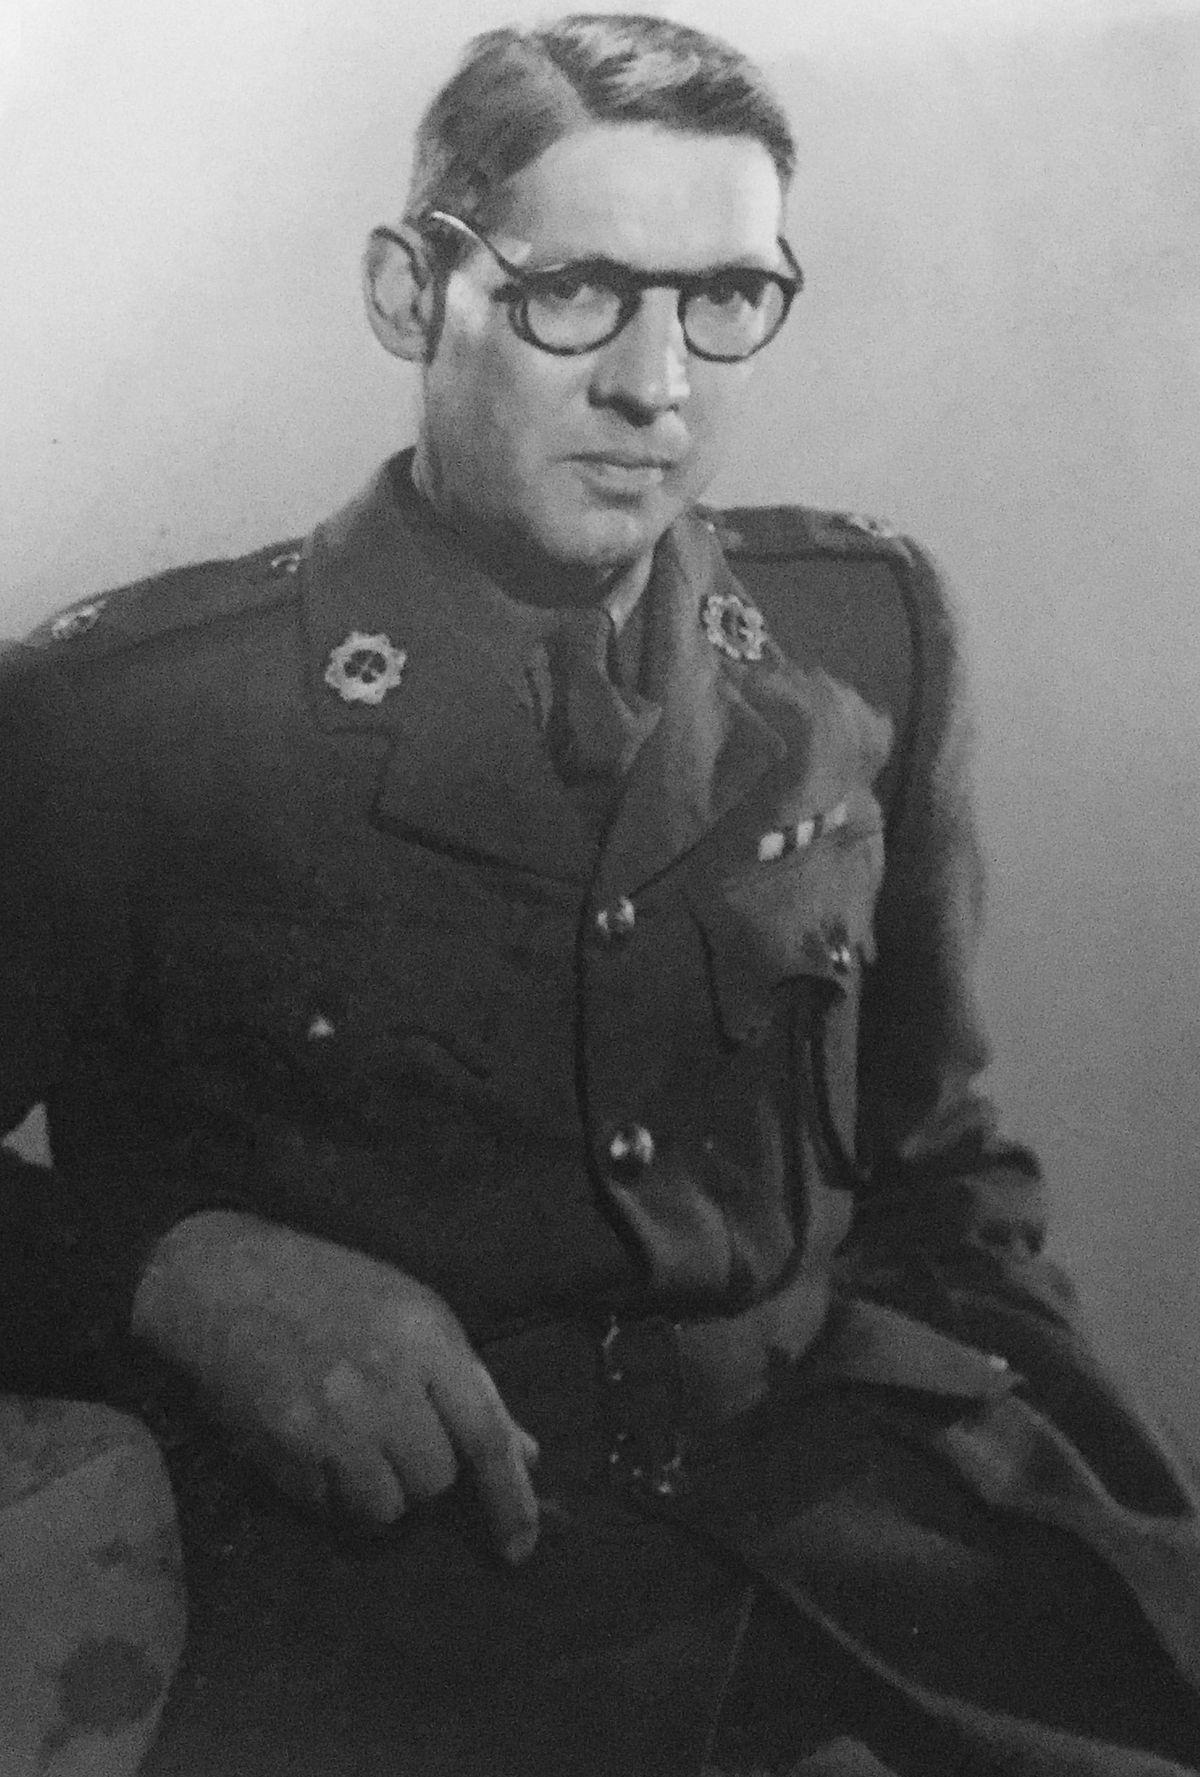 Shrewsbury's Captain Howard Bretherton successfully escaped from Japanese captivity